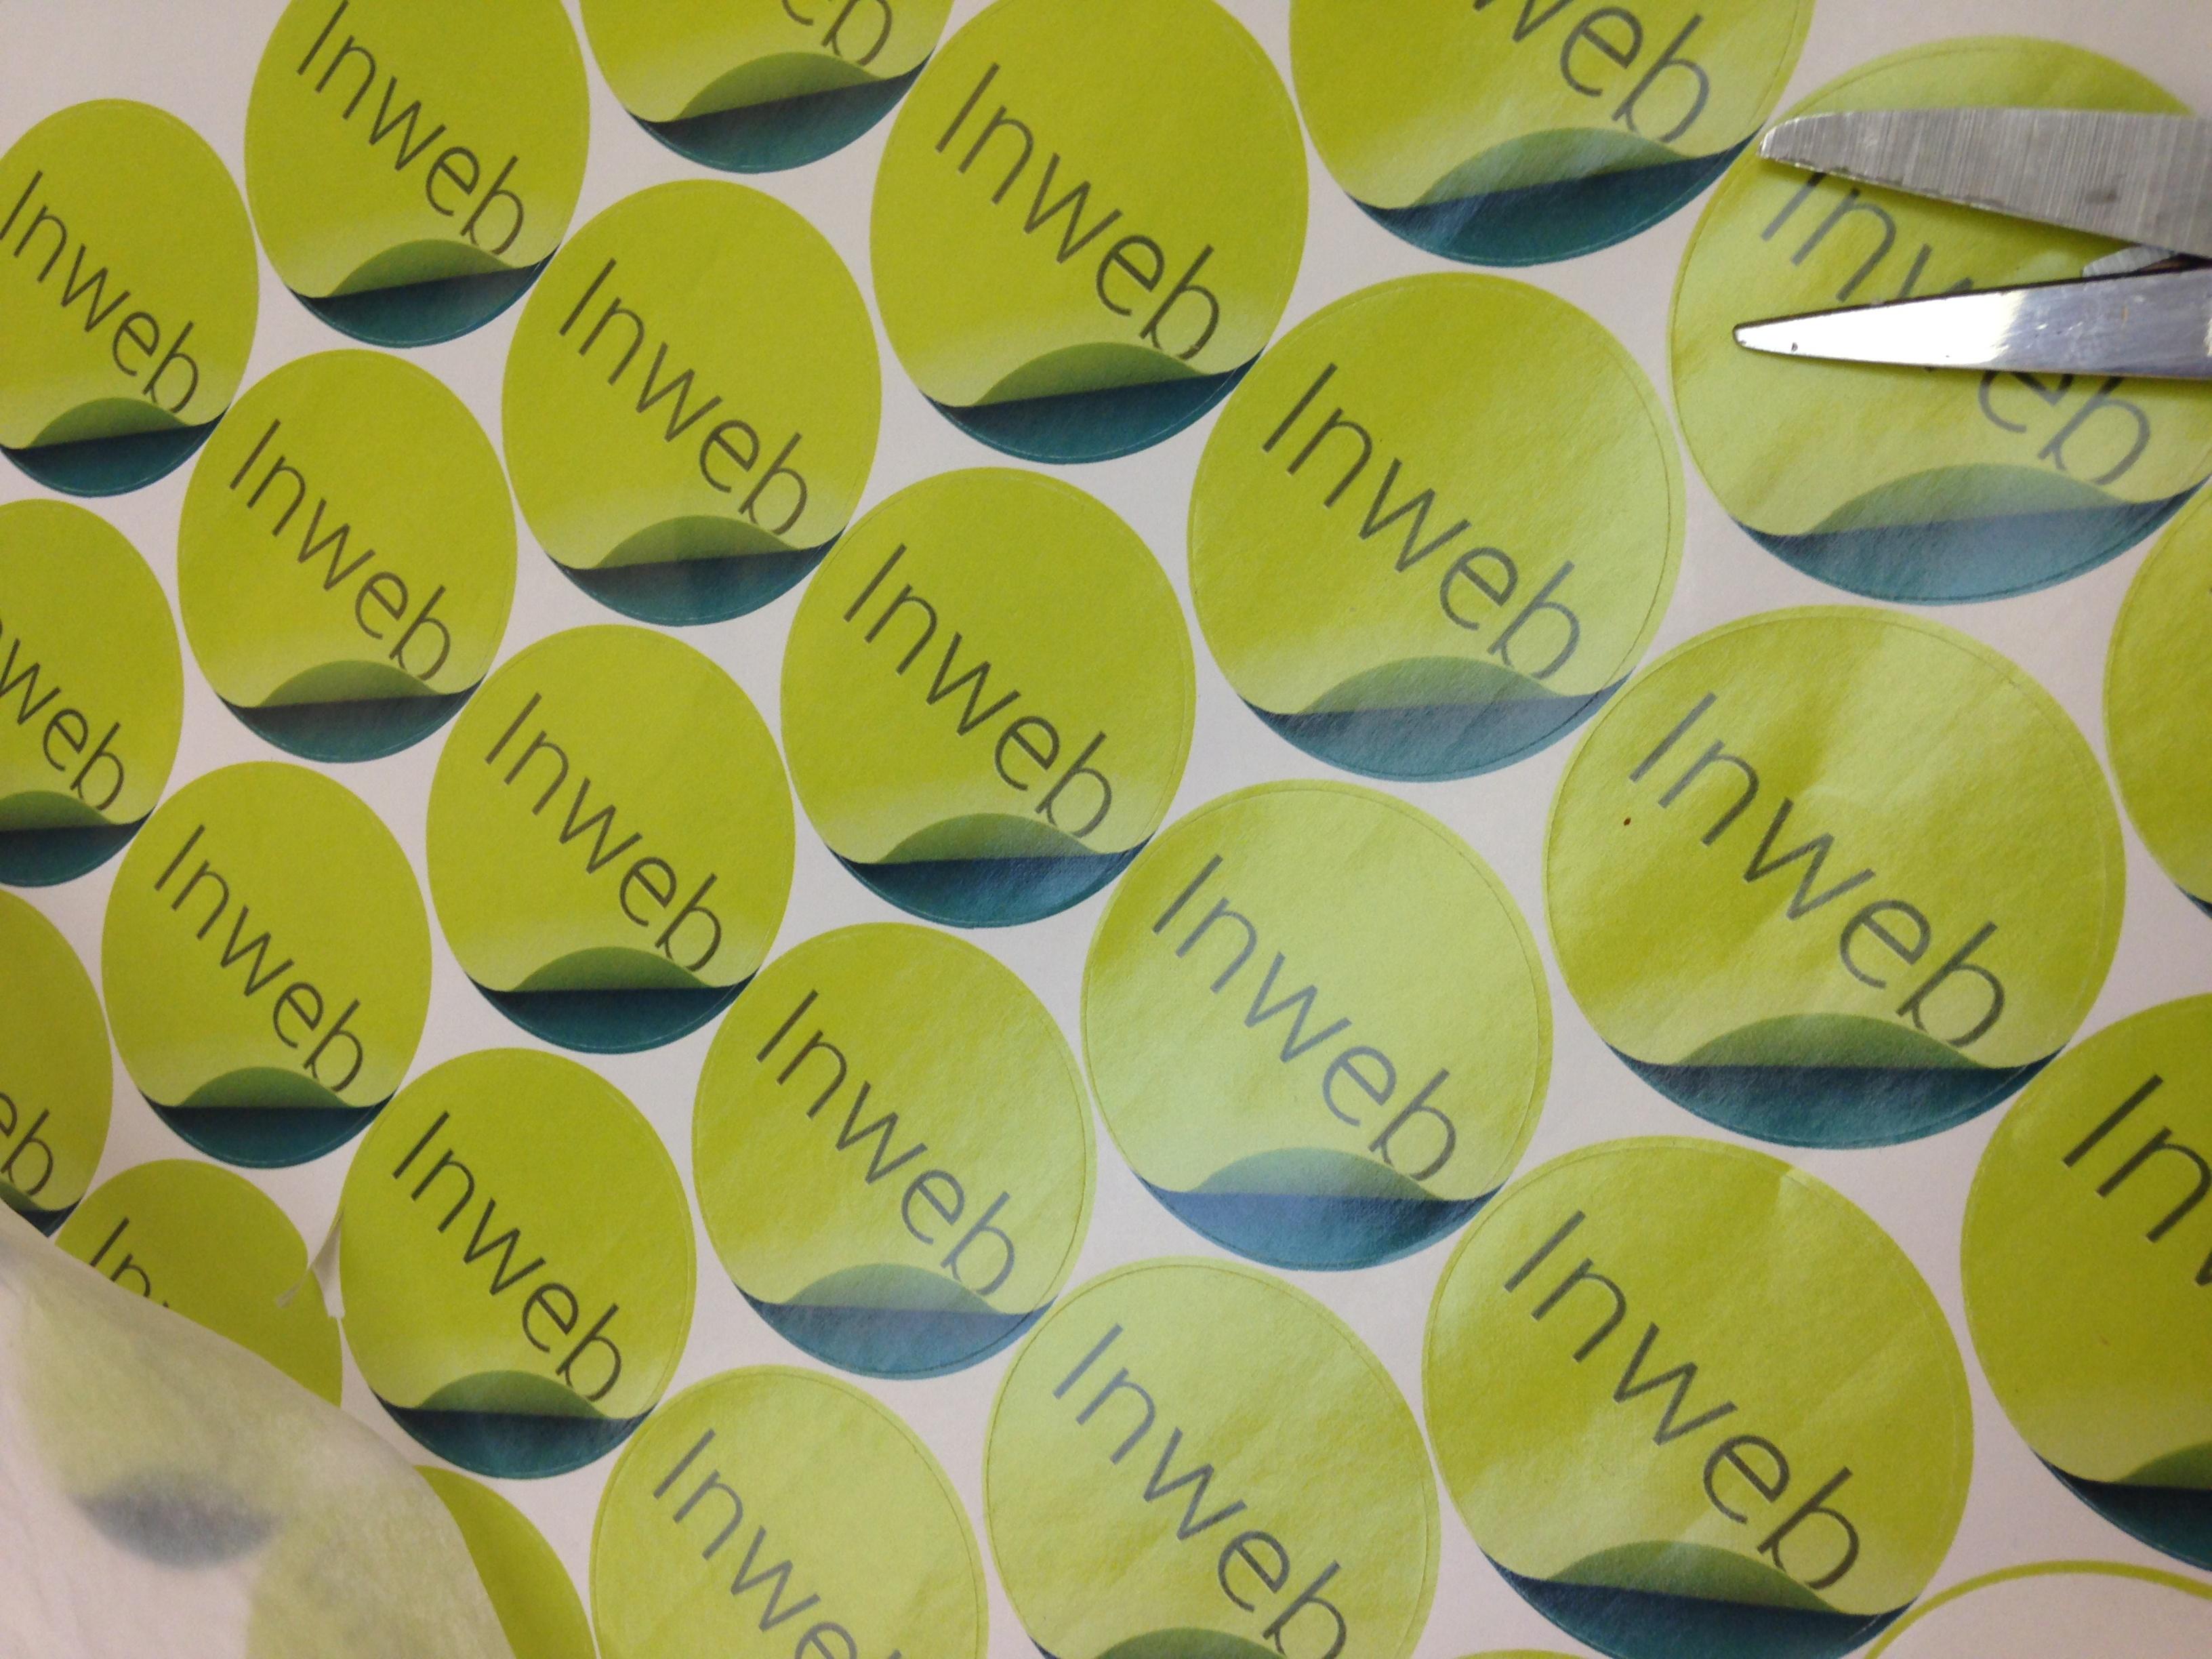 inweb -8p-2014-4-2